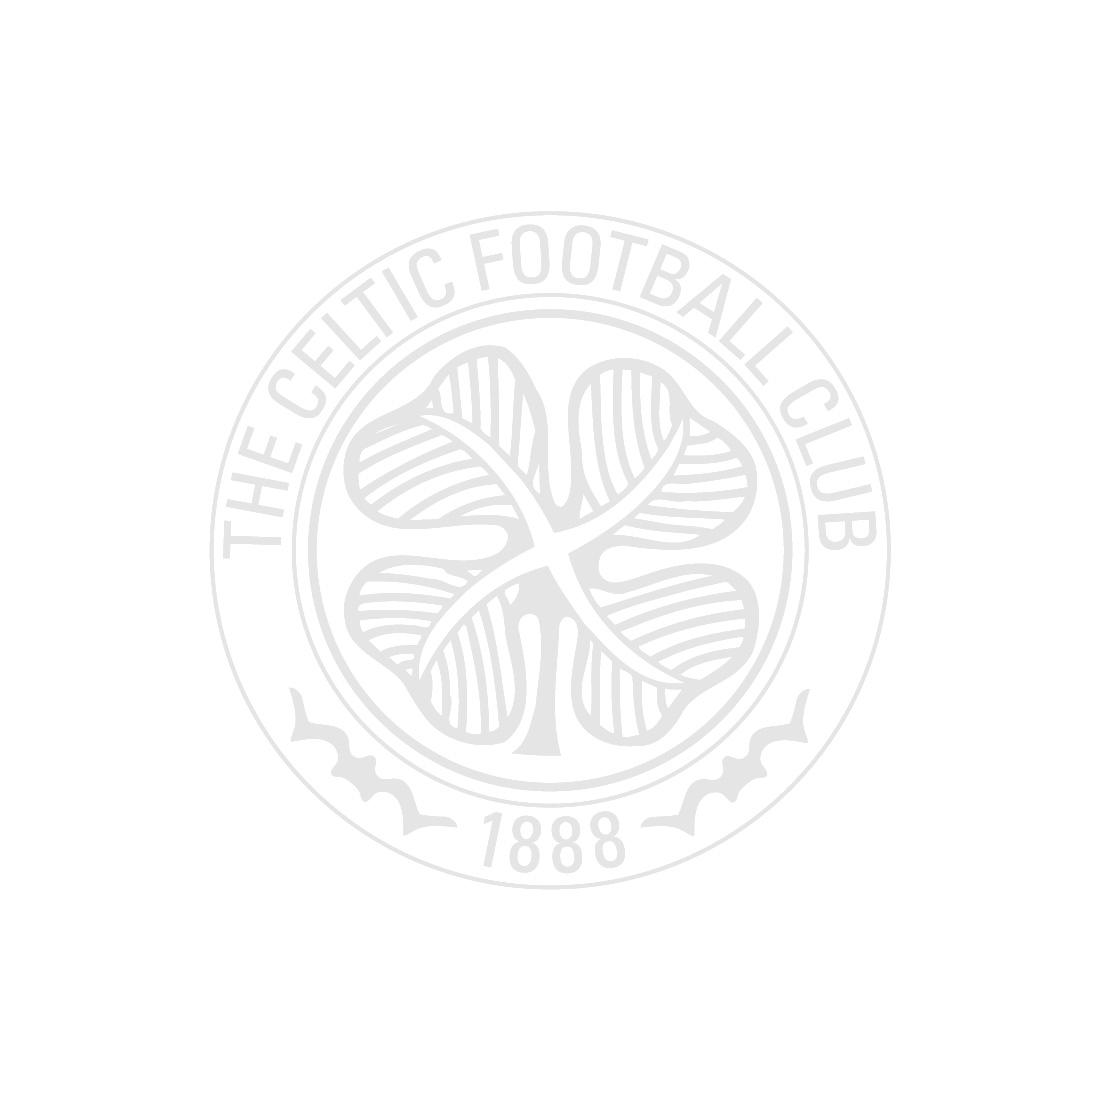 Celtic Presentation Jacket